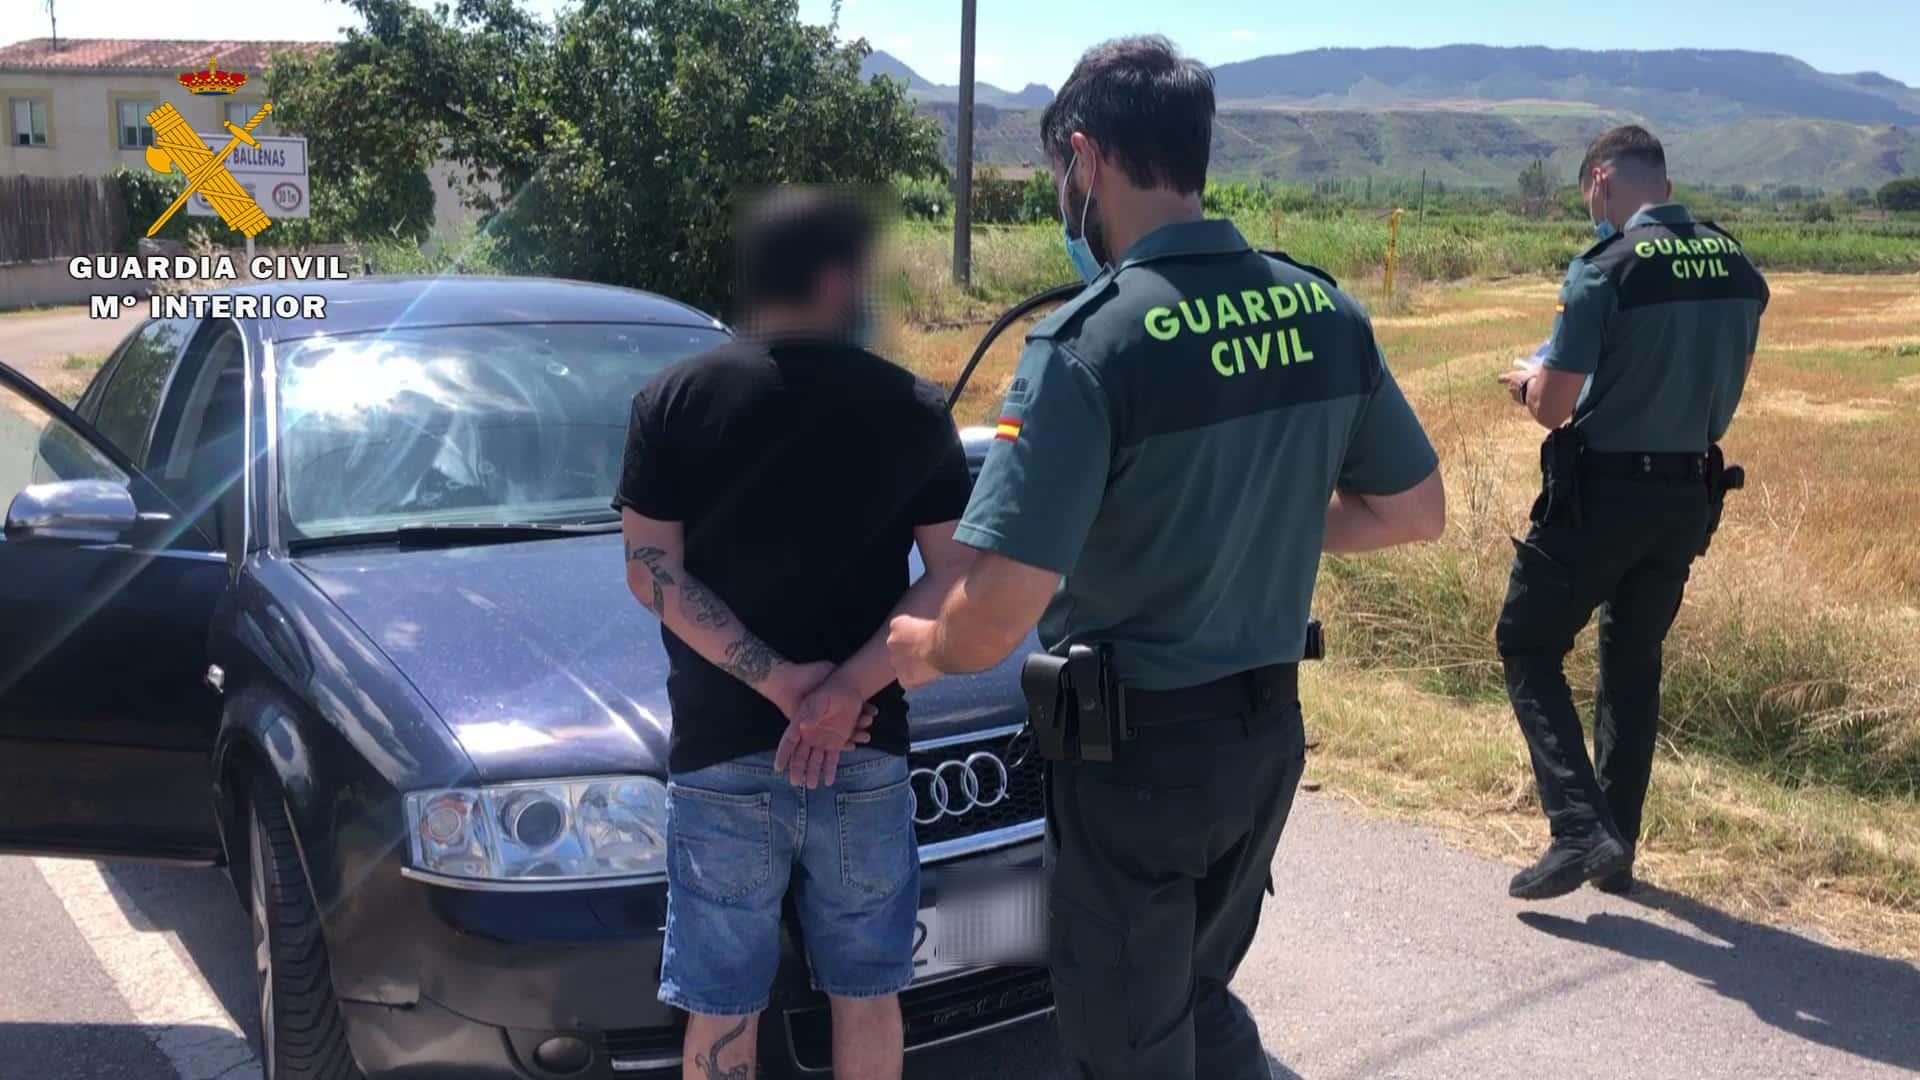 La Guardia Civil auxilia a una niña de 7 años, abandonada en plena N-111 a su paso por La Rioja 3